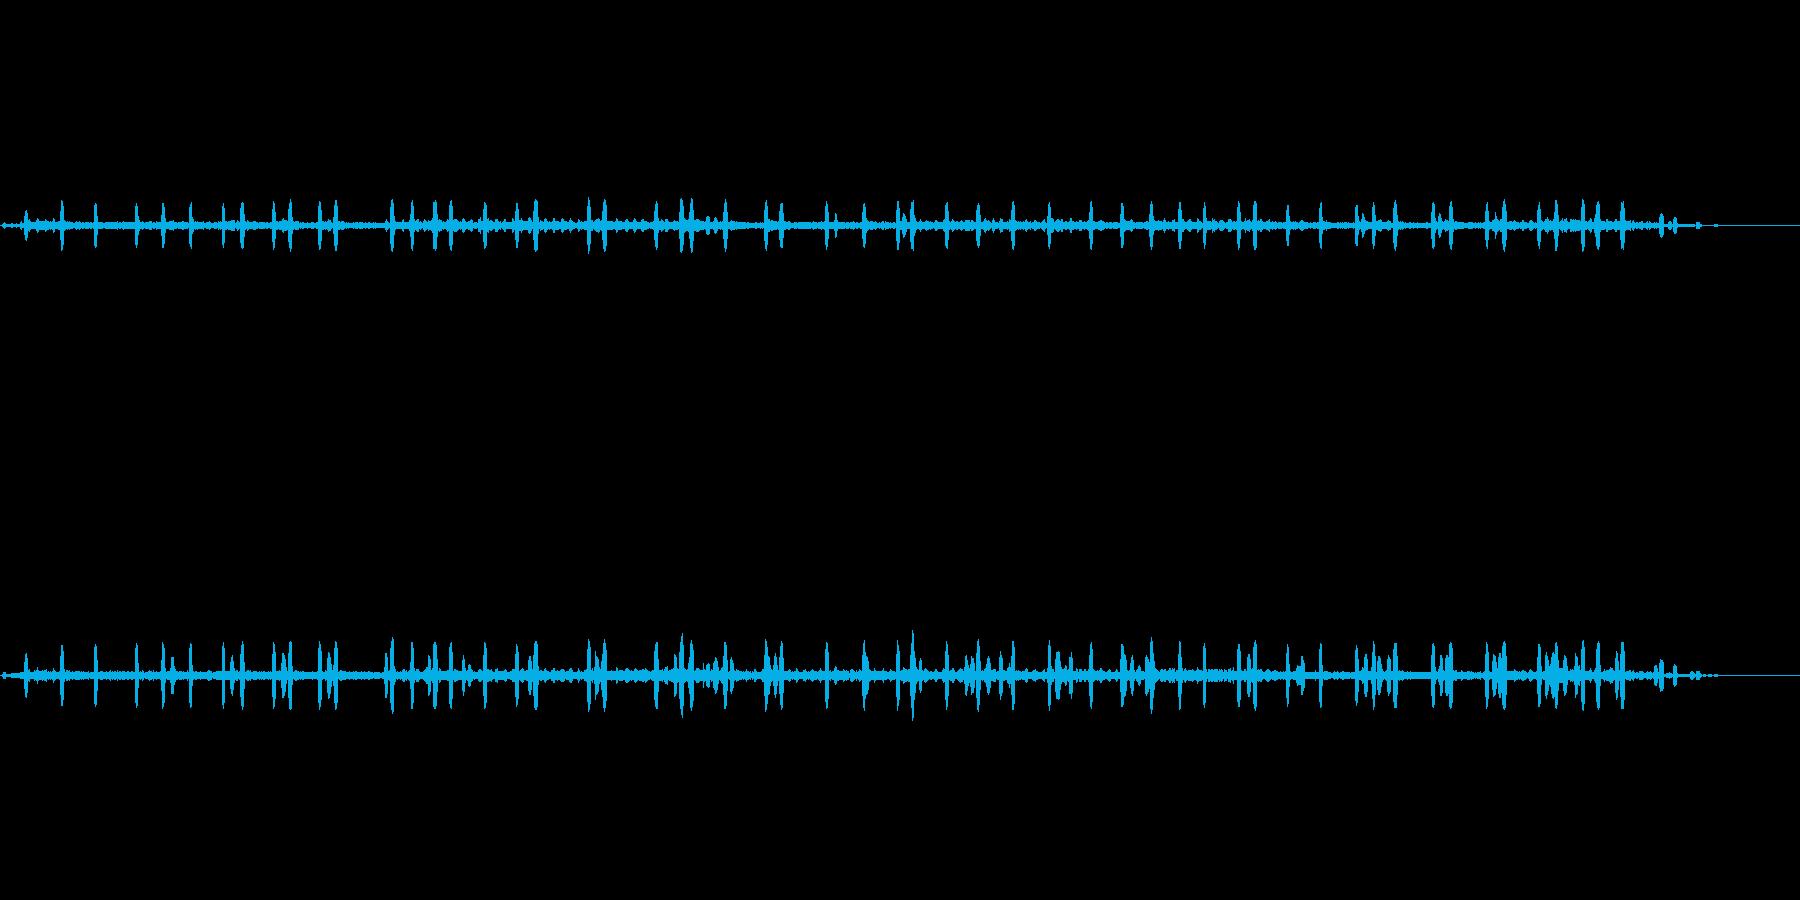 カエルの鳴き声ですの再生済みの波形